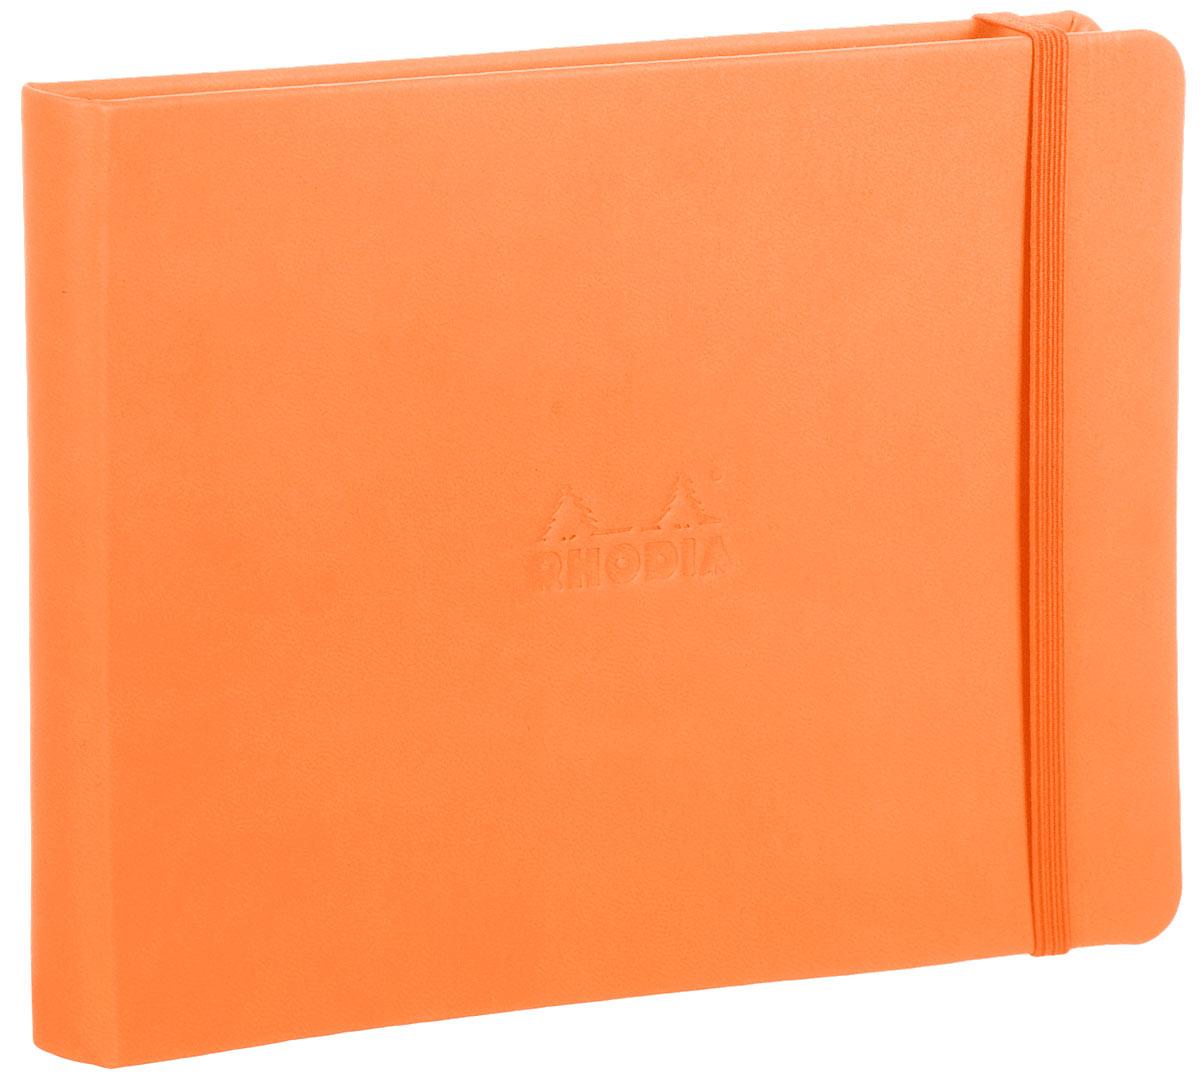 Блокнот Clairefontaine Rhodia, без разметки, формат A5, цвет обложки: оранжевый, 96 листов118178СОчаровательный блокнот в твердом переплете Clairefontaine Rhodia не позволит потеряться ни одной идее в потоке событий и станет прекрасным подарком для любителей оригинальных вещей. Яркая обложка выполнена изплотного картона. Дополнительный штрих - аккуратные скругленные уголки. Внутренний блок выполнен из плотной бумаги цвета слоновой кости. Блокнот плотно закрывается при помощи фиксирующей резинки.Характеристики: Материал: картон, бумага, текстиль. Формат: А5 (14,8 х 21 см). Цвет: оранжевый.